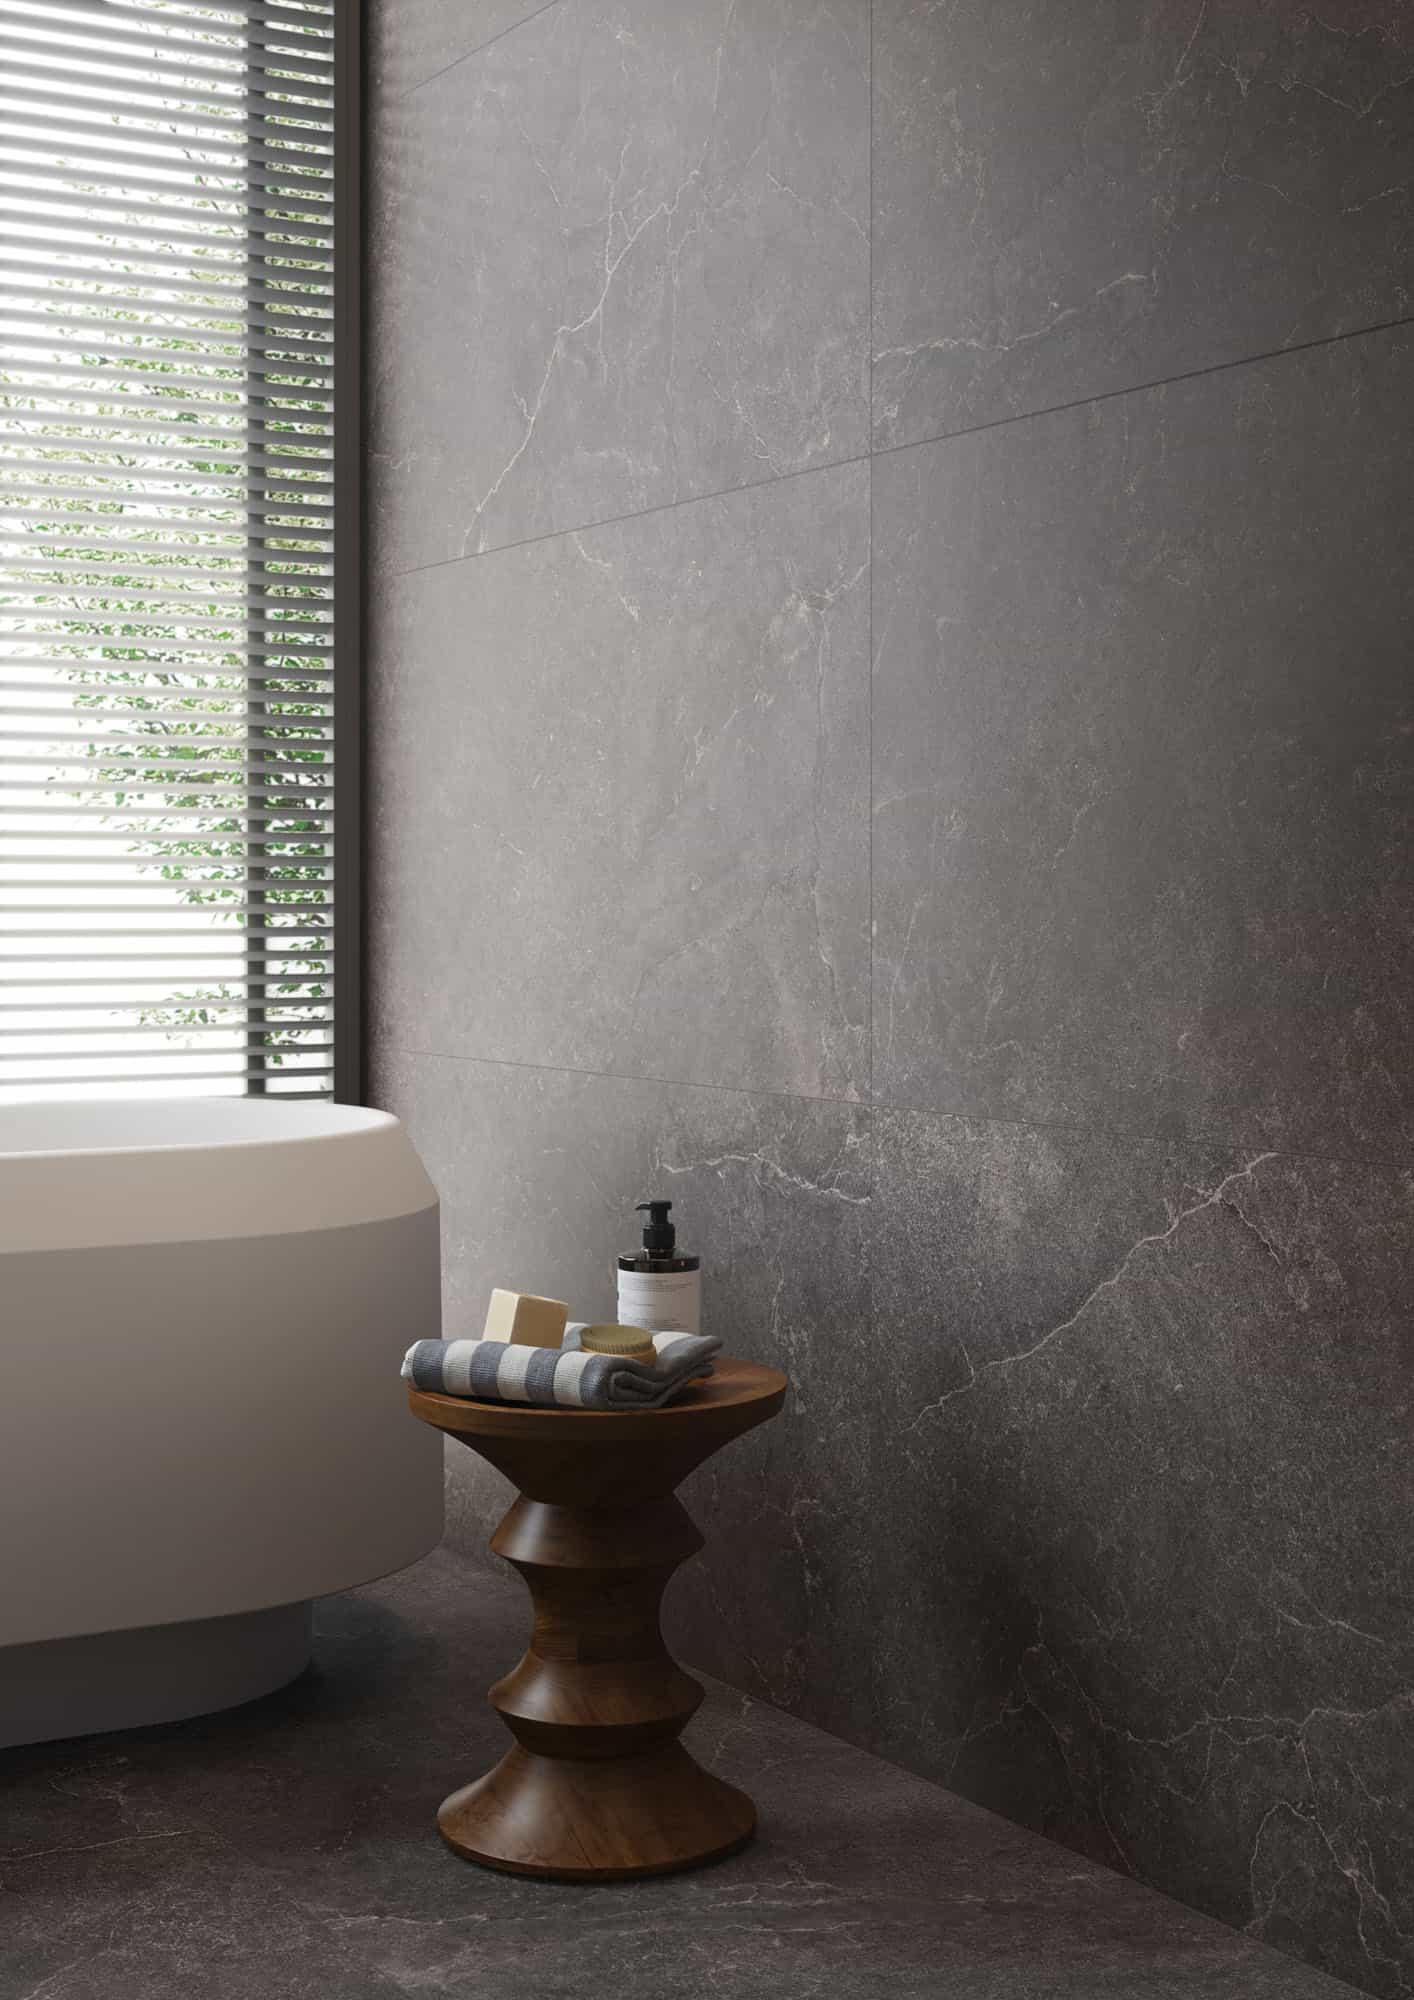 Wandtegels 90x90 - Lithos Carbon - Lappato